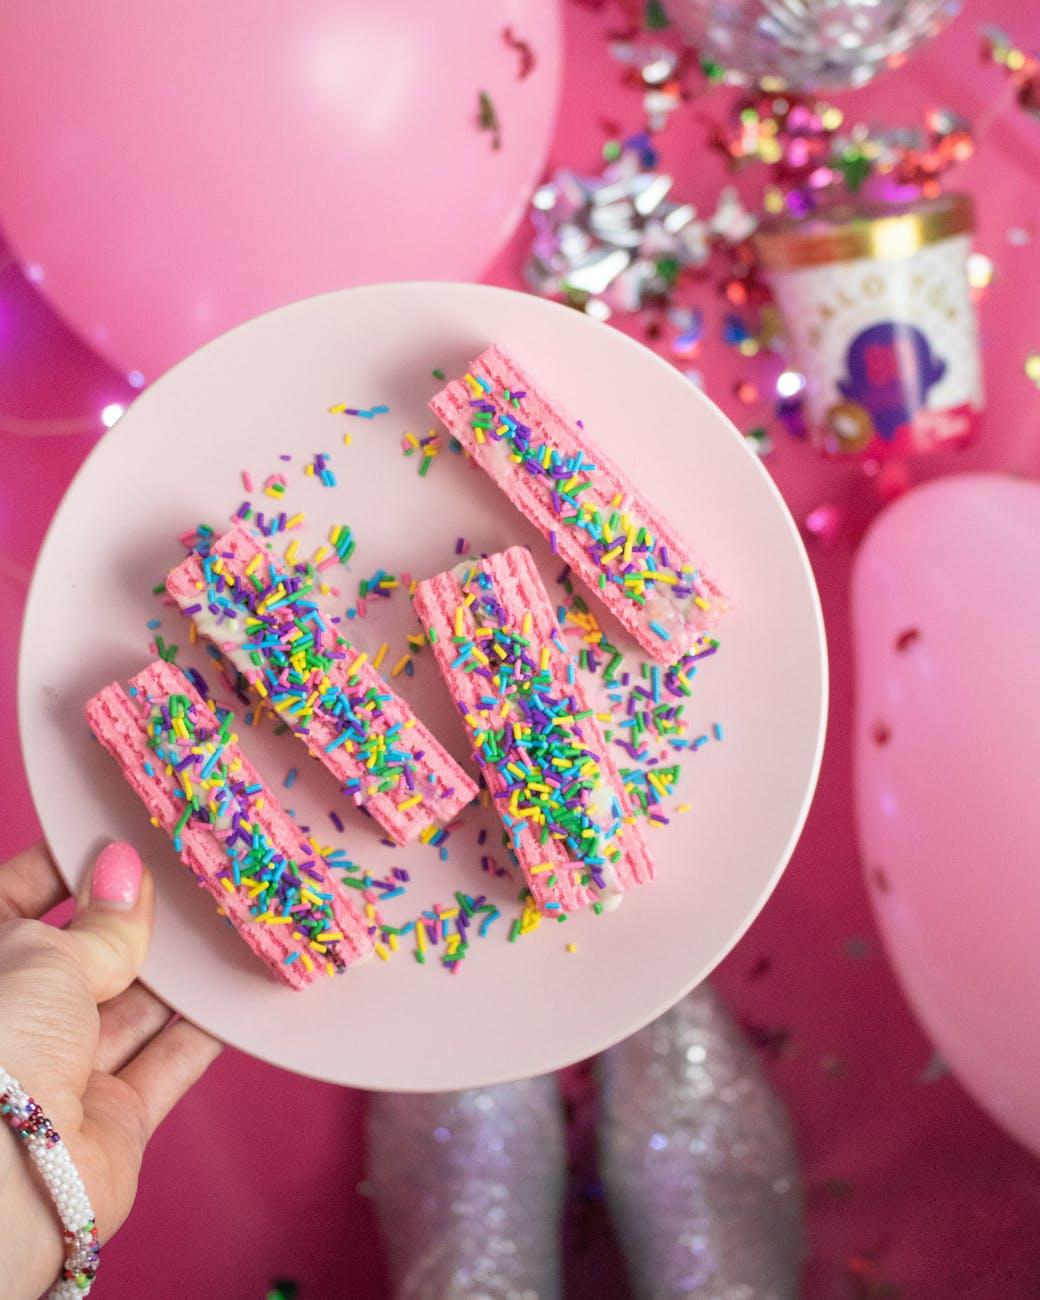 Delicious Crispy Candy Bars Recipe